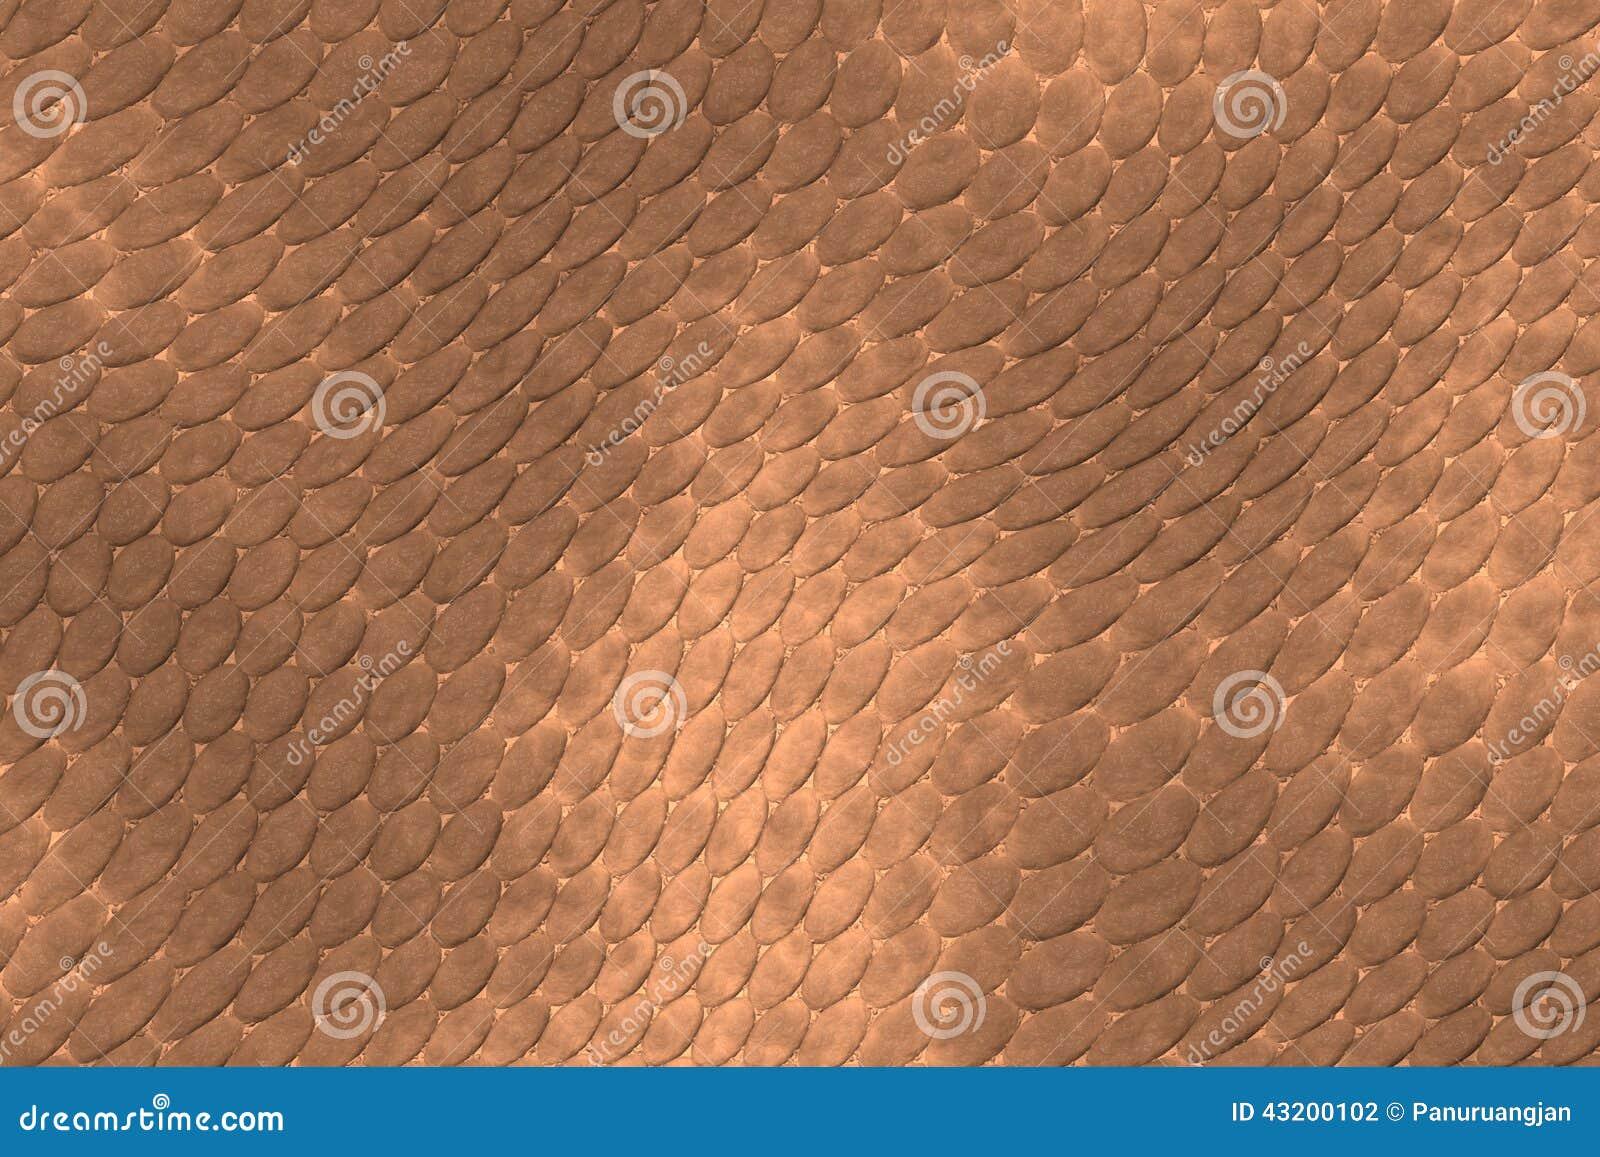 Download Beige Texturerad Reptilhud För Bakgrund Stock Illustrationer - Illustration av scales, design: 43200102